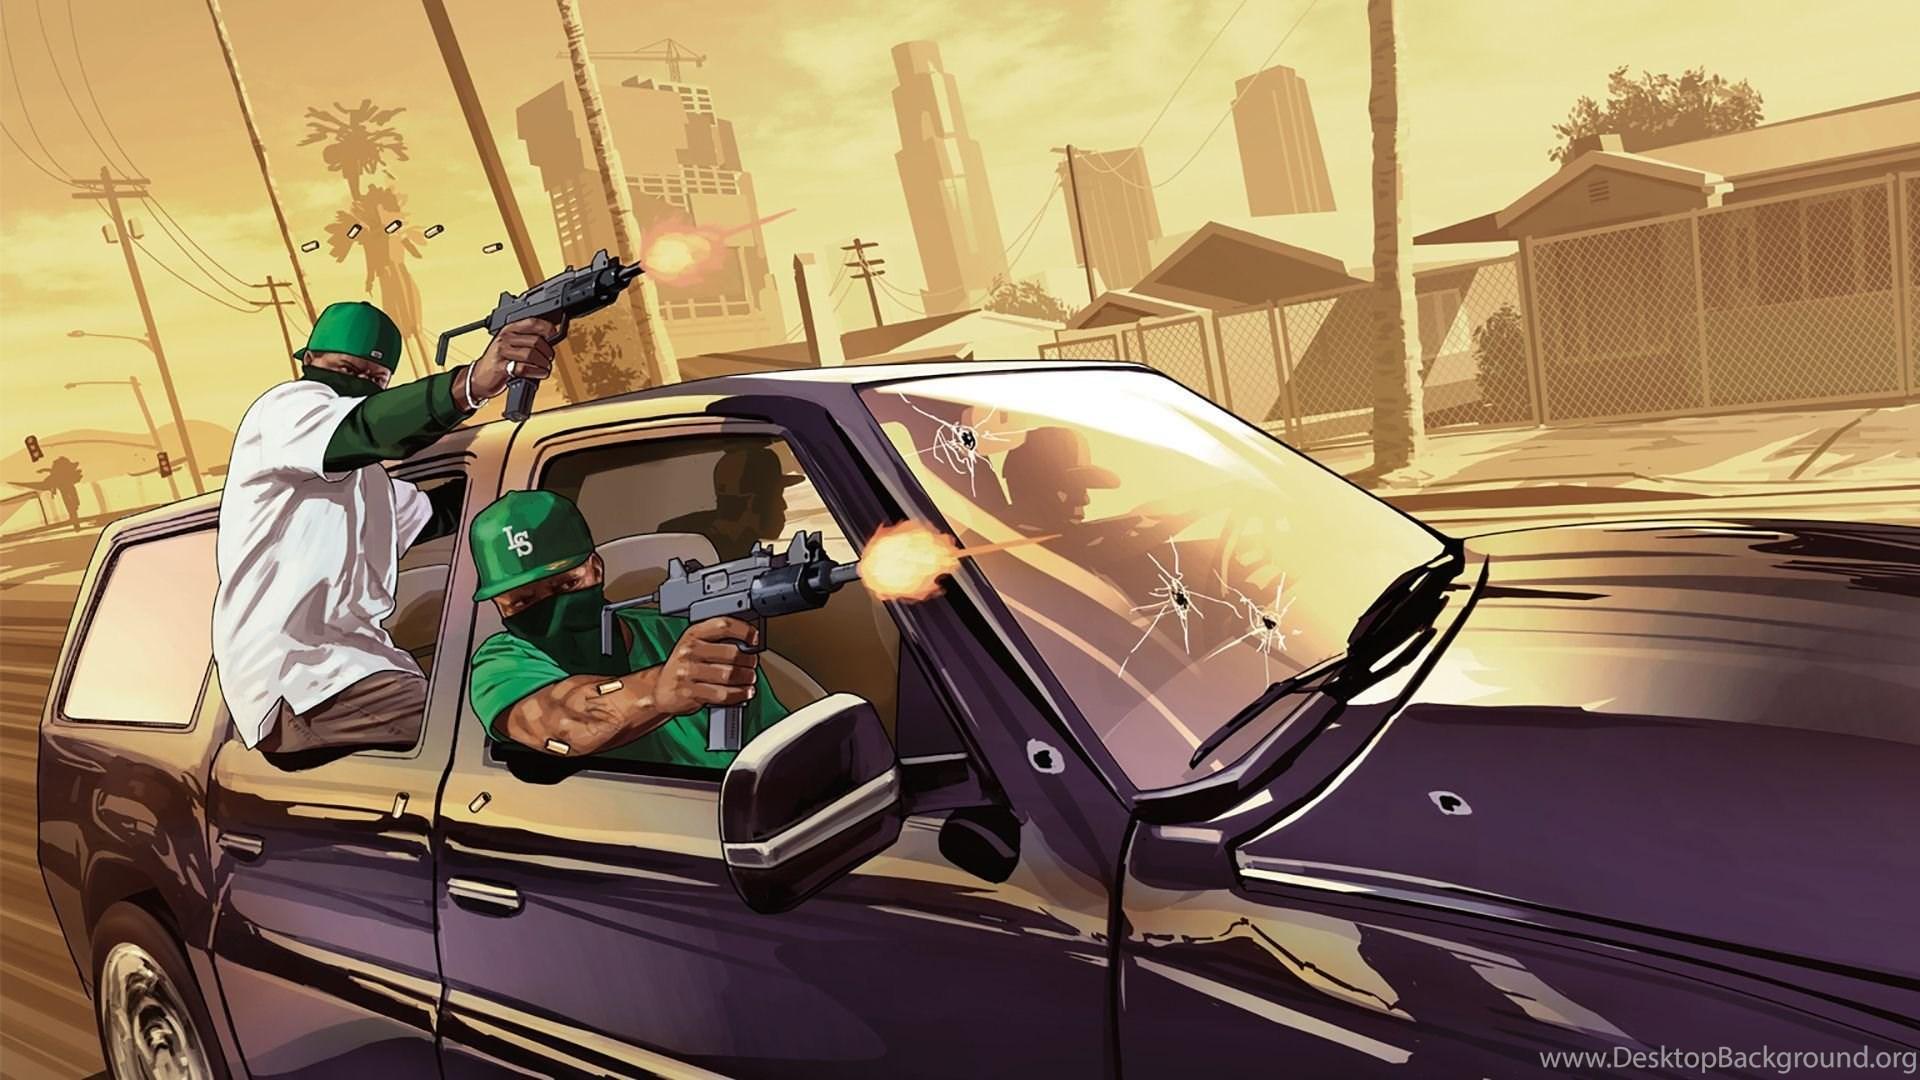 Full Hd 1080p Grand Theft Auto V Wallpapers Hd Desktop Desktop